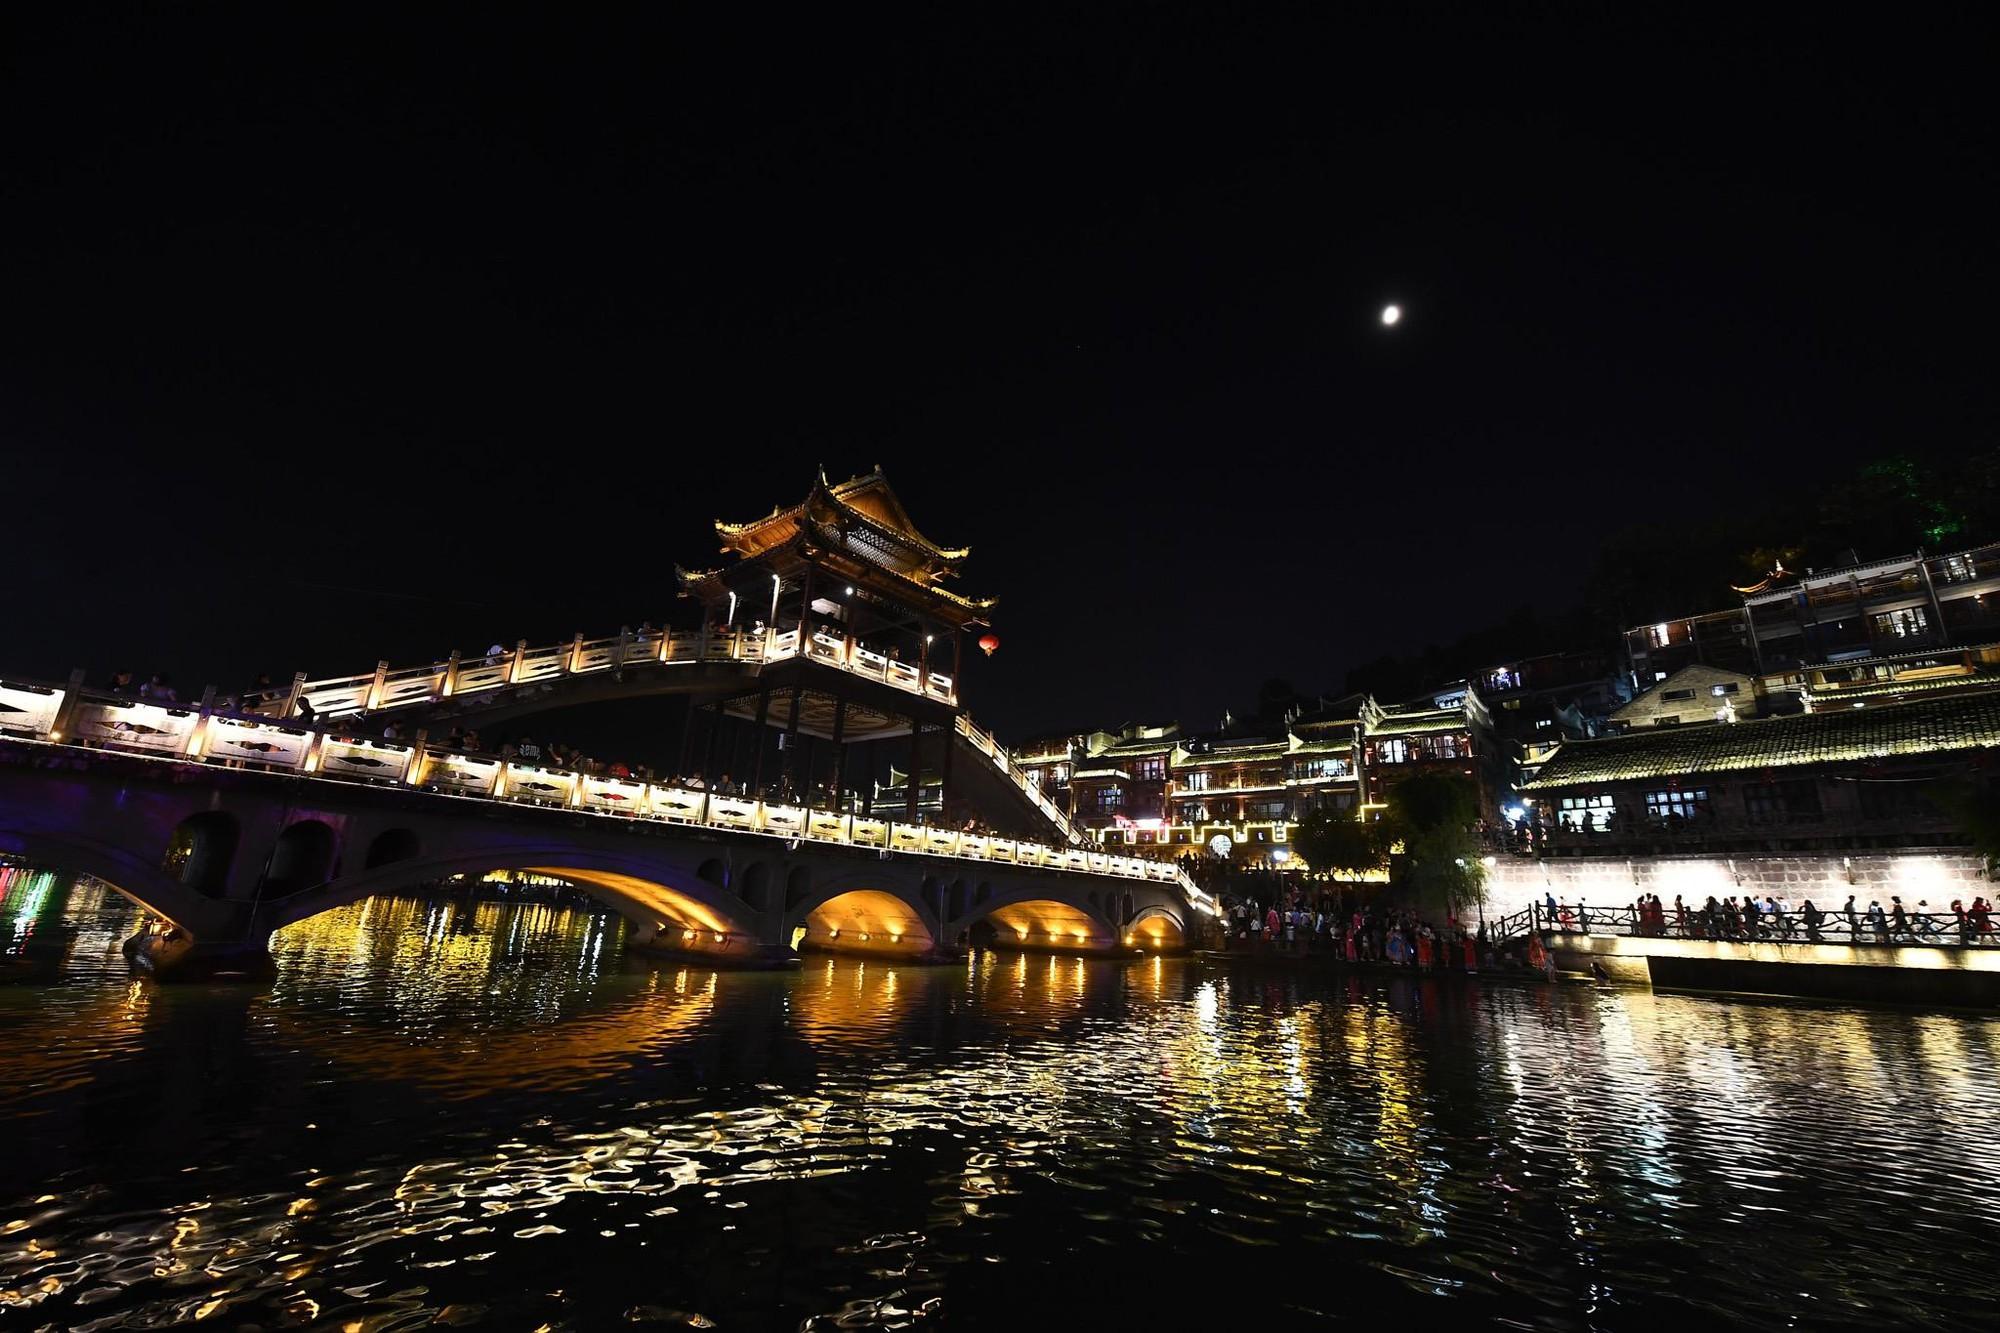 Phượng Hoàng cổ trấn và bí mật thu hút khách du lịch quanh năm - Ảnh 15.